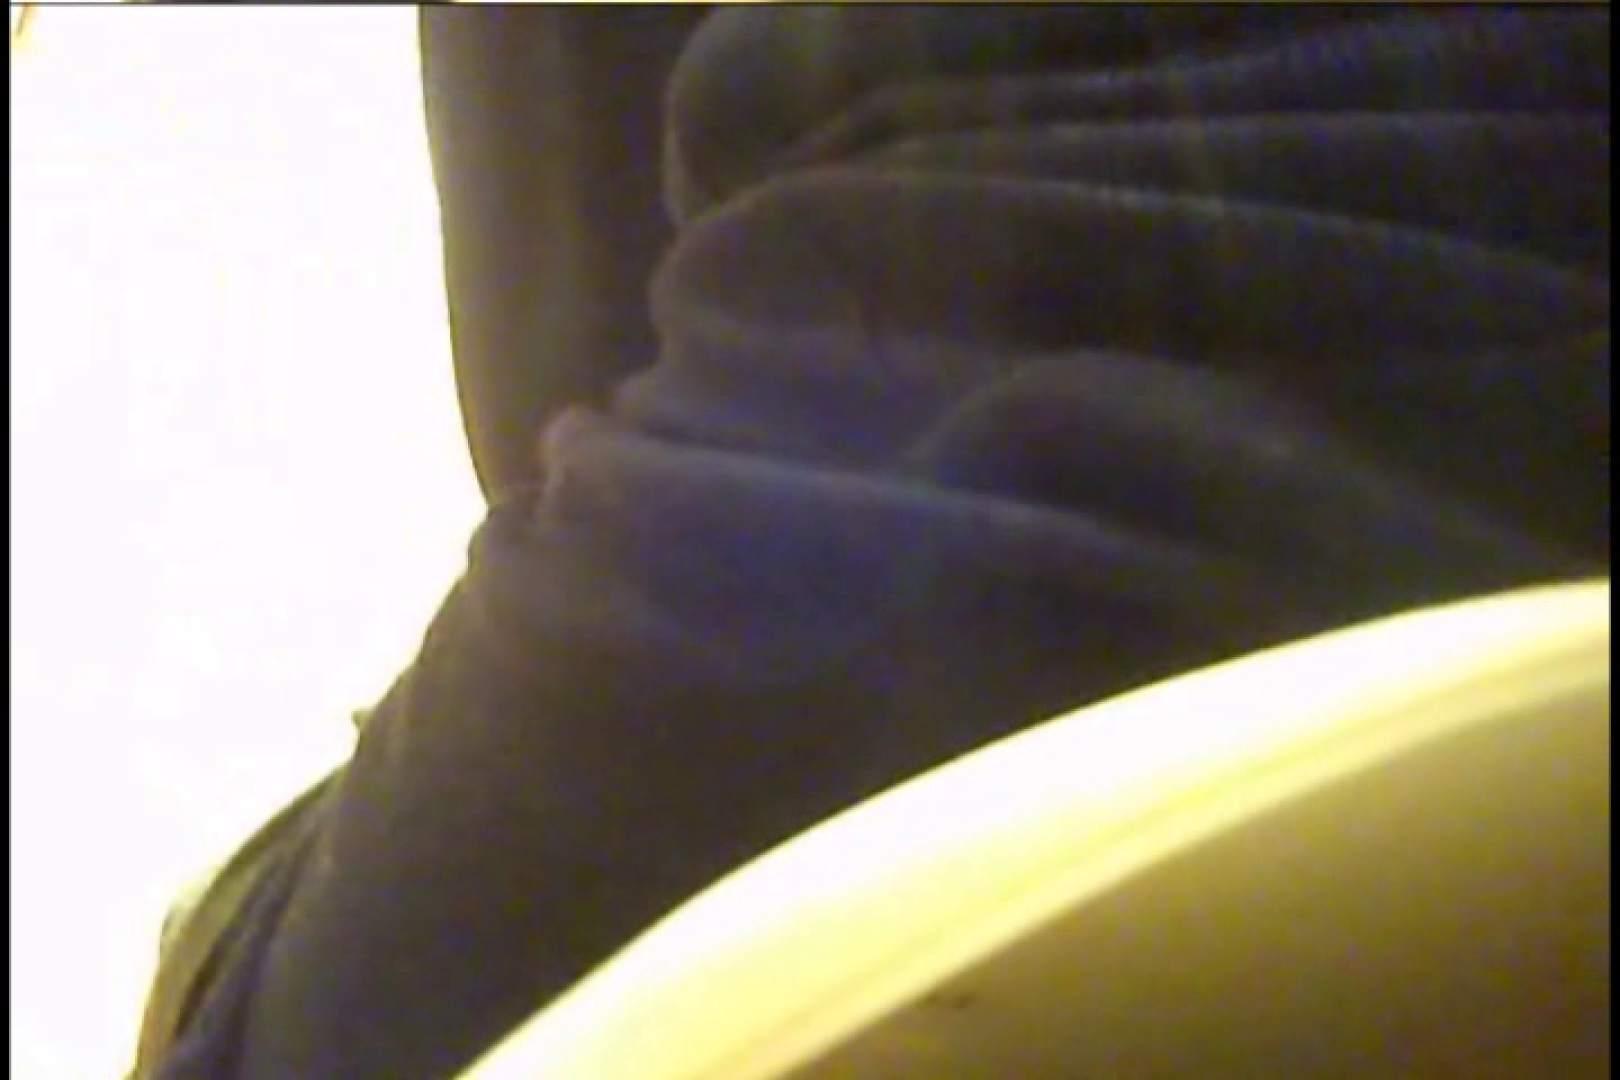 実録!熟女の用の足し方を覗く!! Vol.03 洗面所 | ナプキン  89pic 69